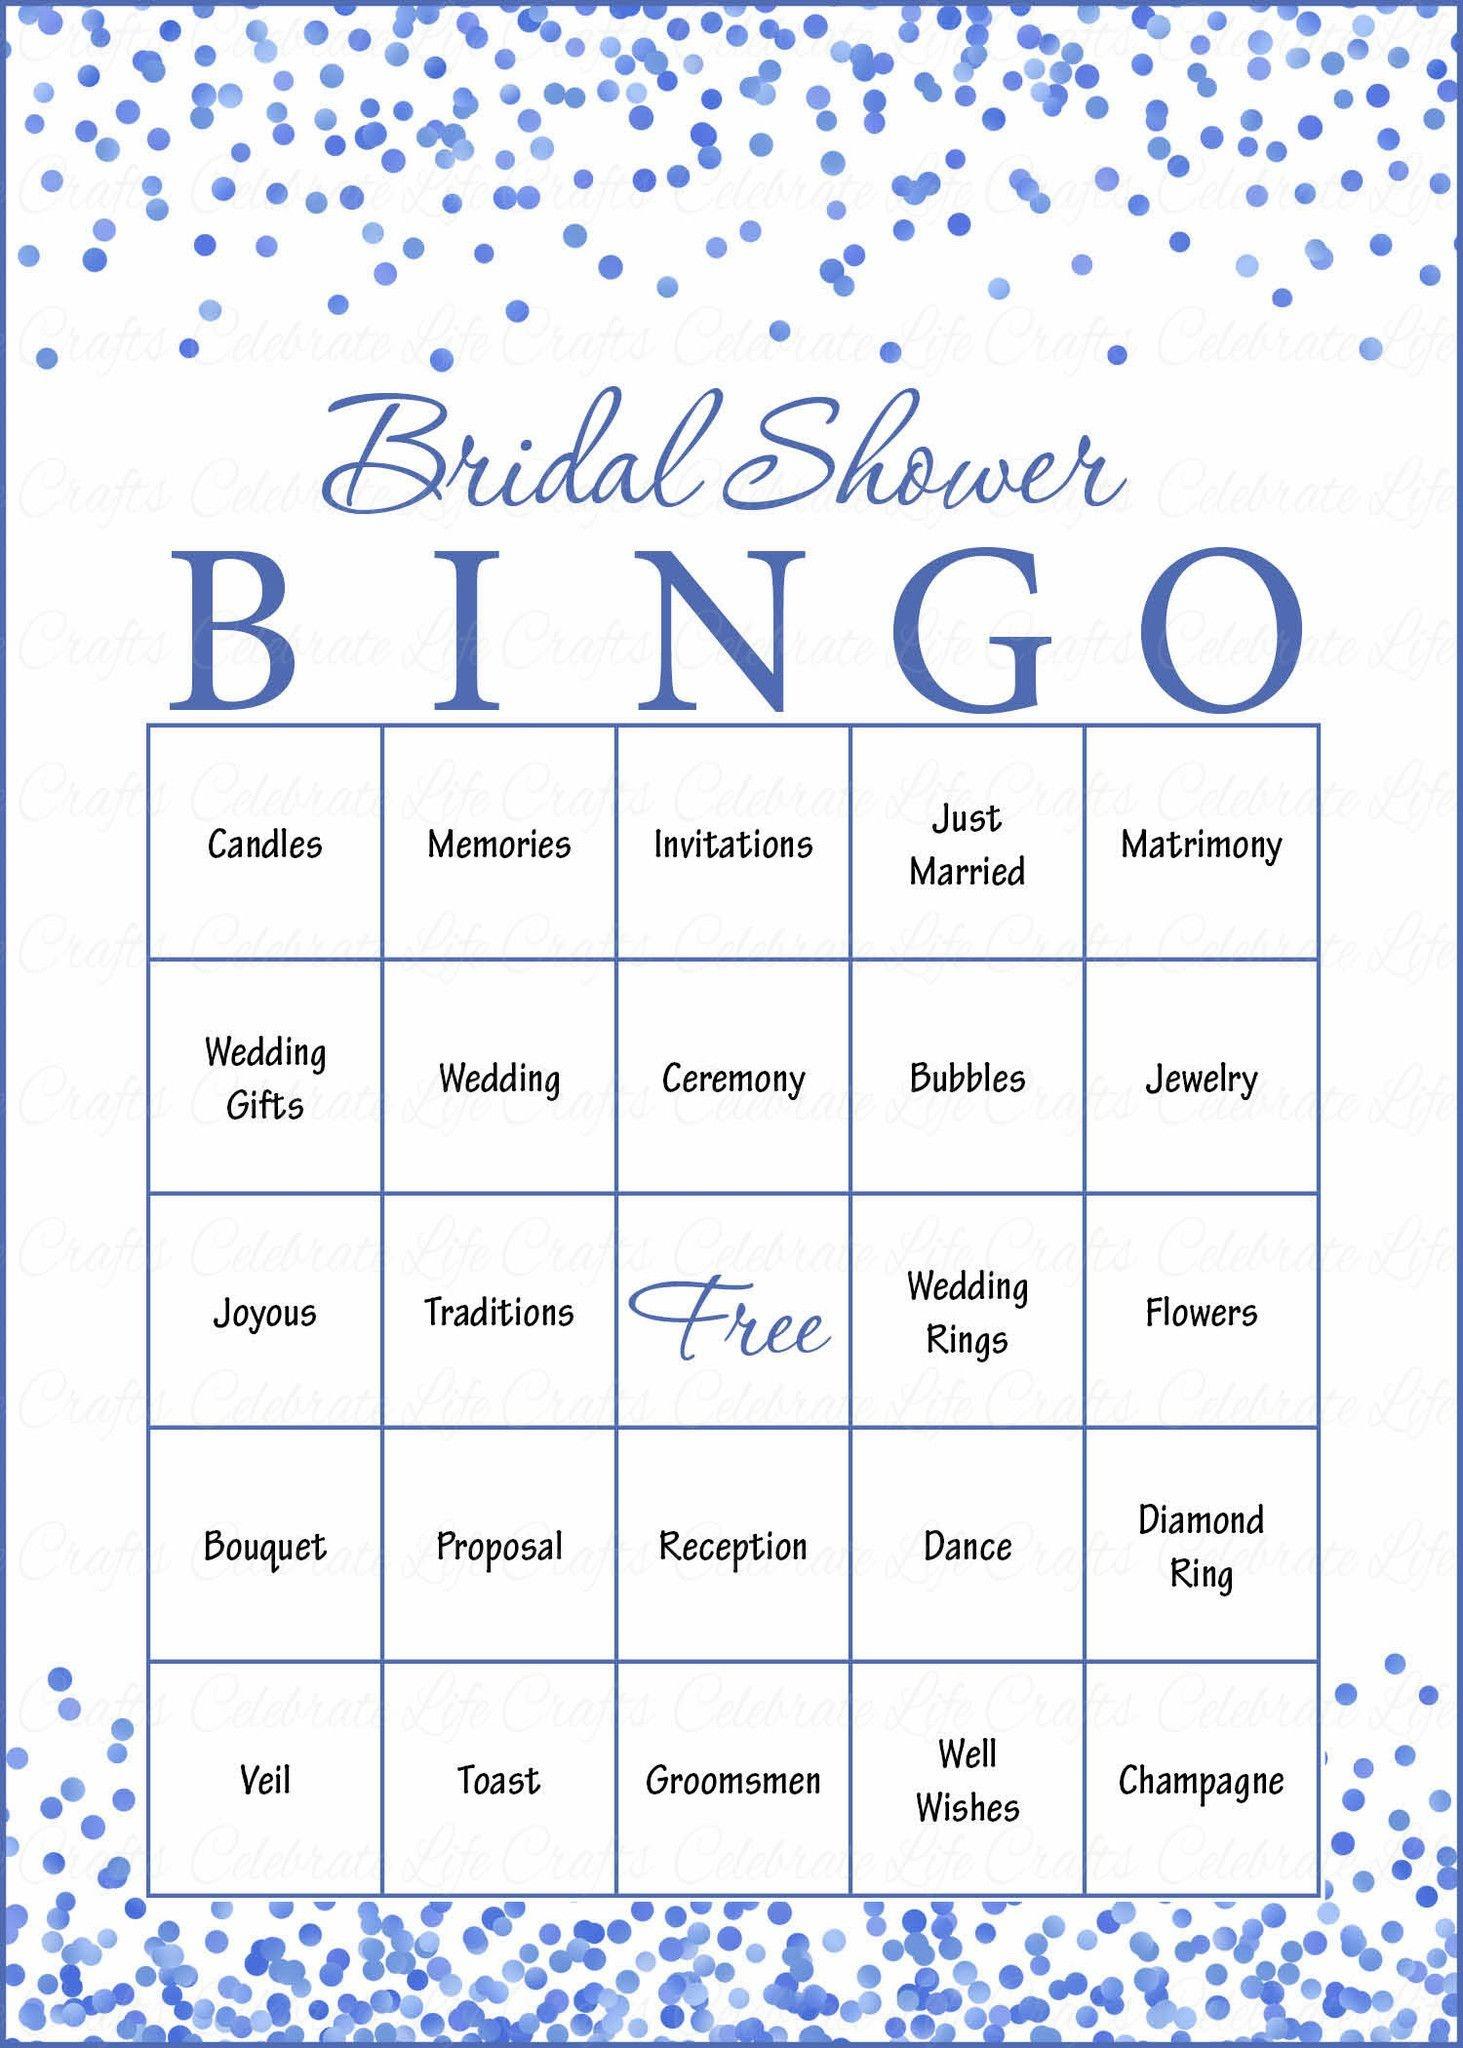 Bridal Bingo Cards - Printable Download - Prefilled - Bridal Shower - Free Printable Bridal Bingo Sheets